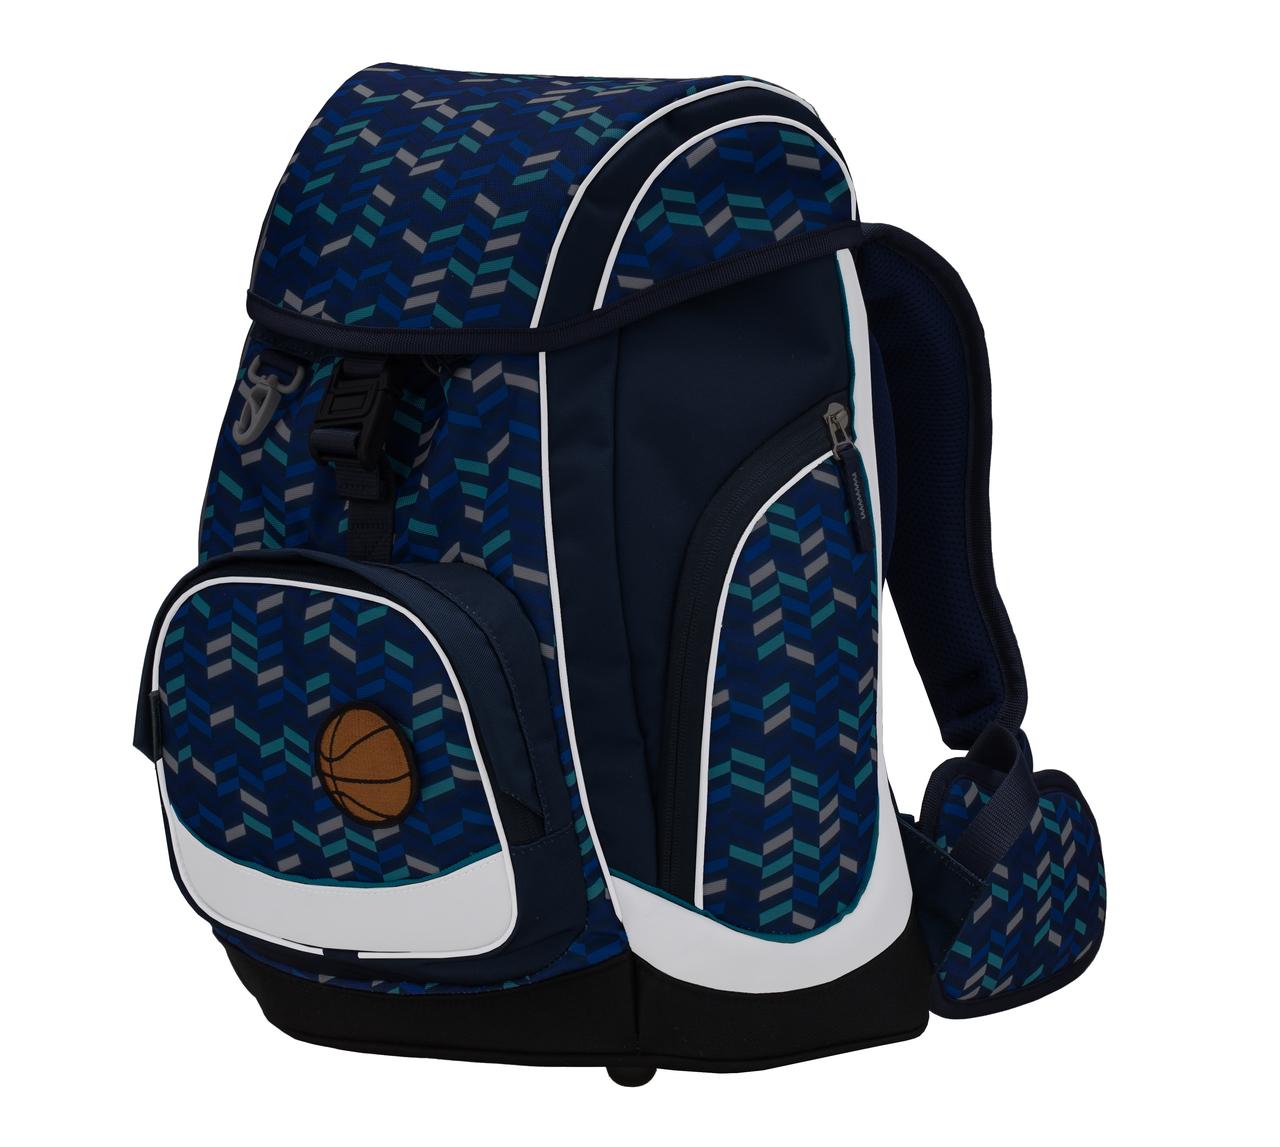 Ранец-рюкзак Belmil Comfy Pack 405-11/683 цвет Pink & Purple Harmony+ дождевик, - фото 7